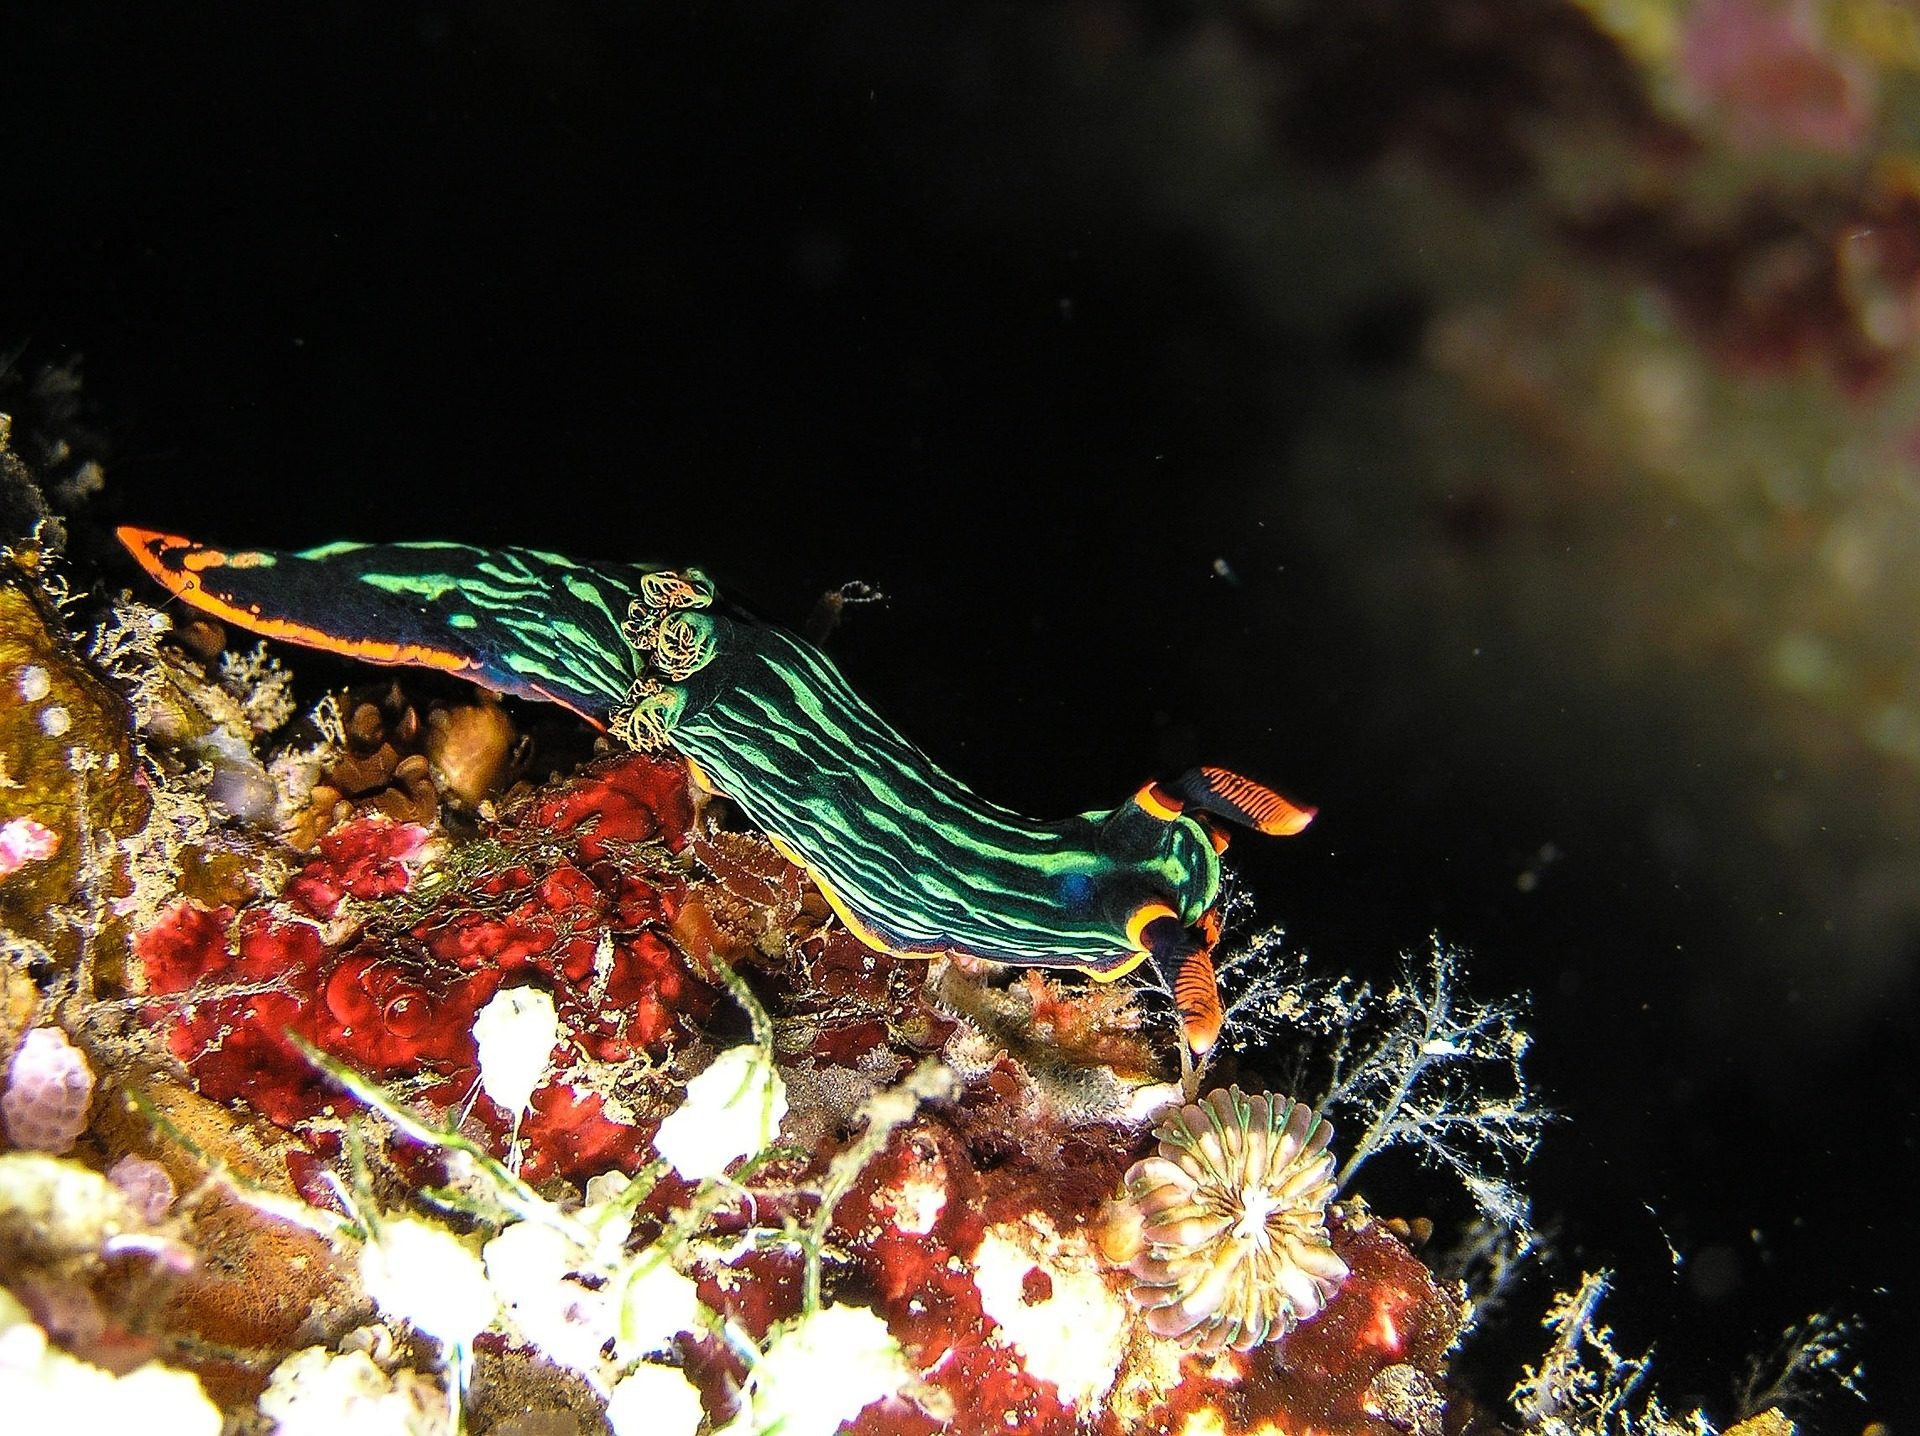 الحلزون, البحرية, تحت الماء, البحر, المحيط, الحيوانات - خلفيات عالية الدقة - أستاذ falken.com